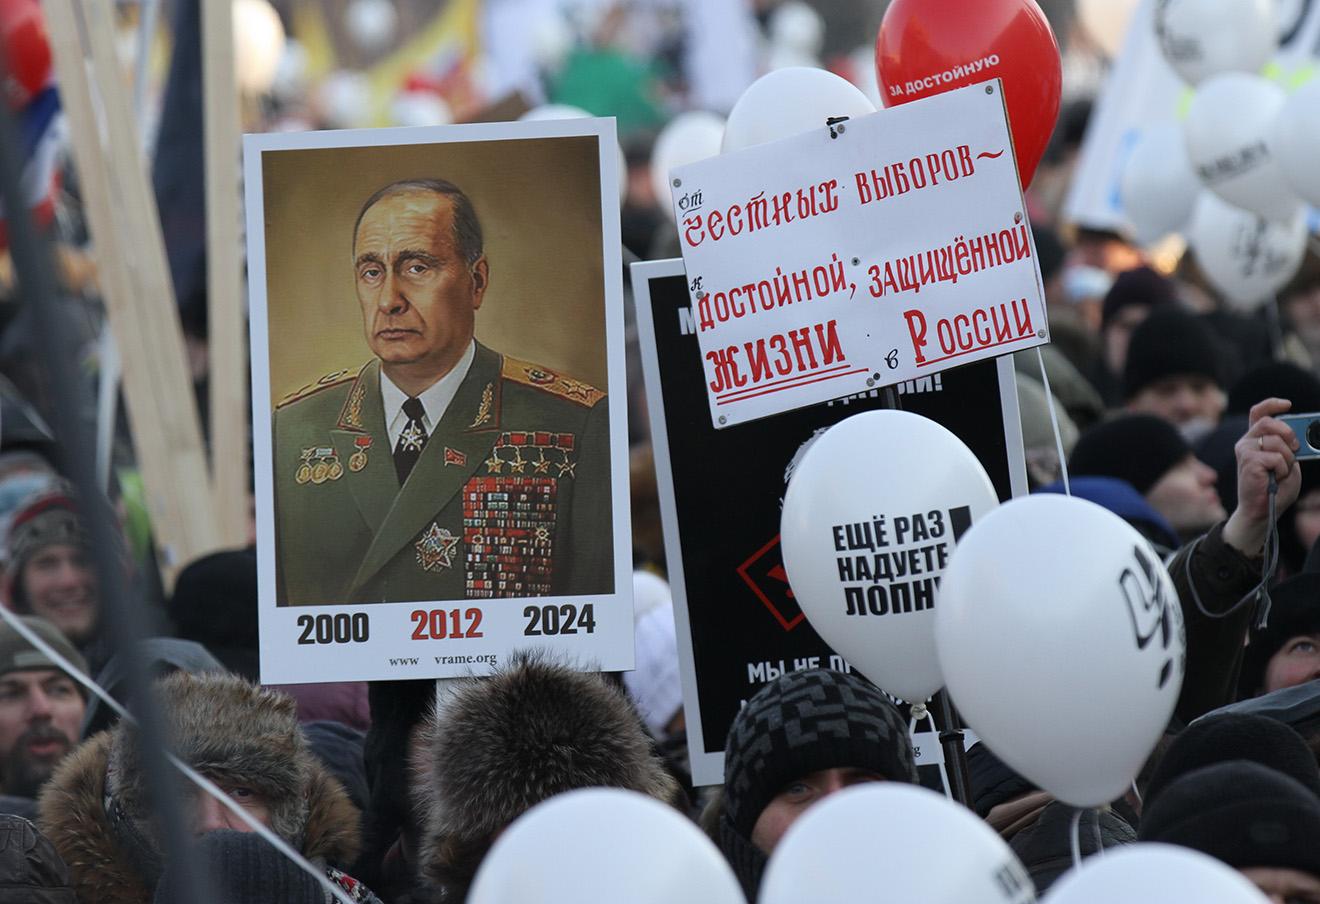 Фото: Шамуков Руслан / ТАСС